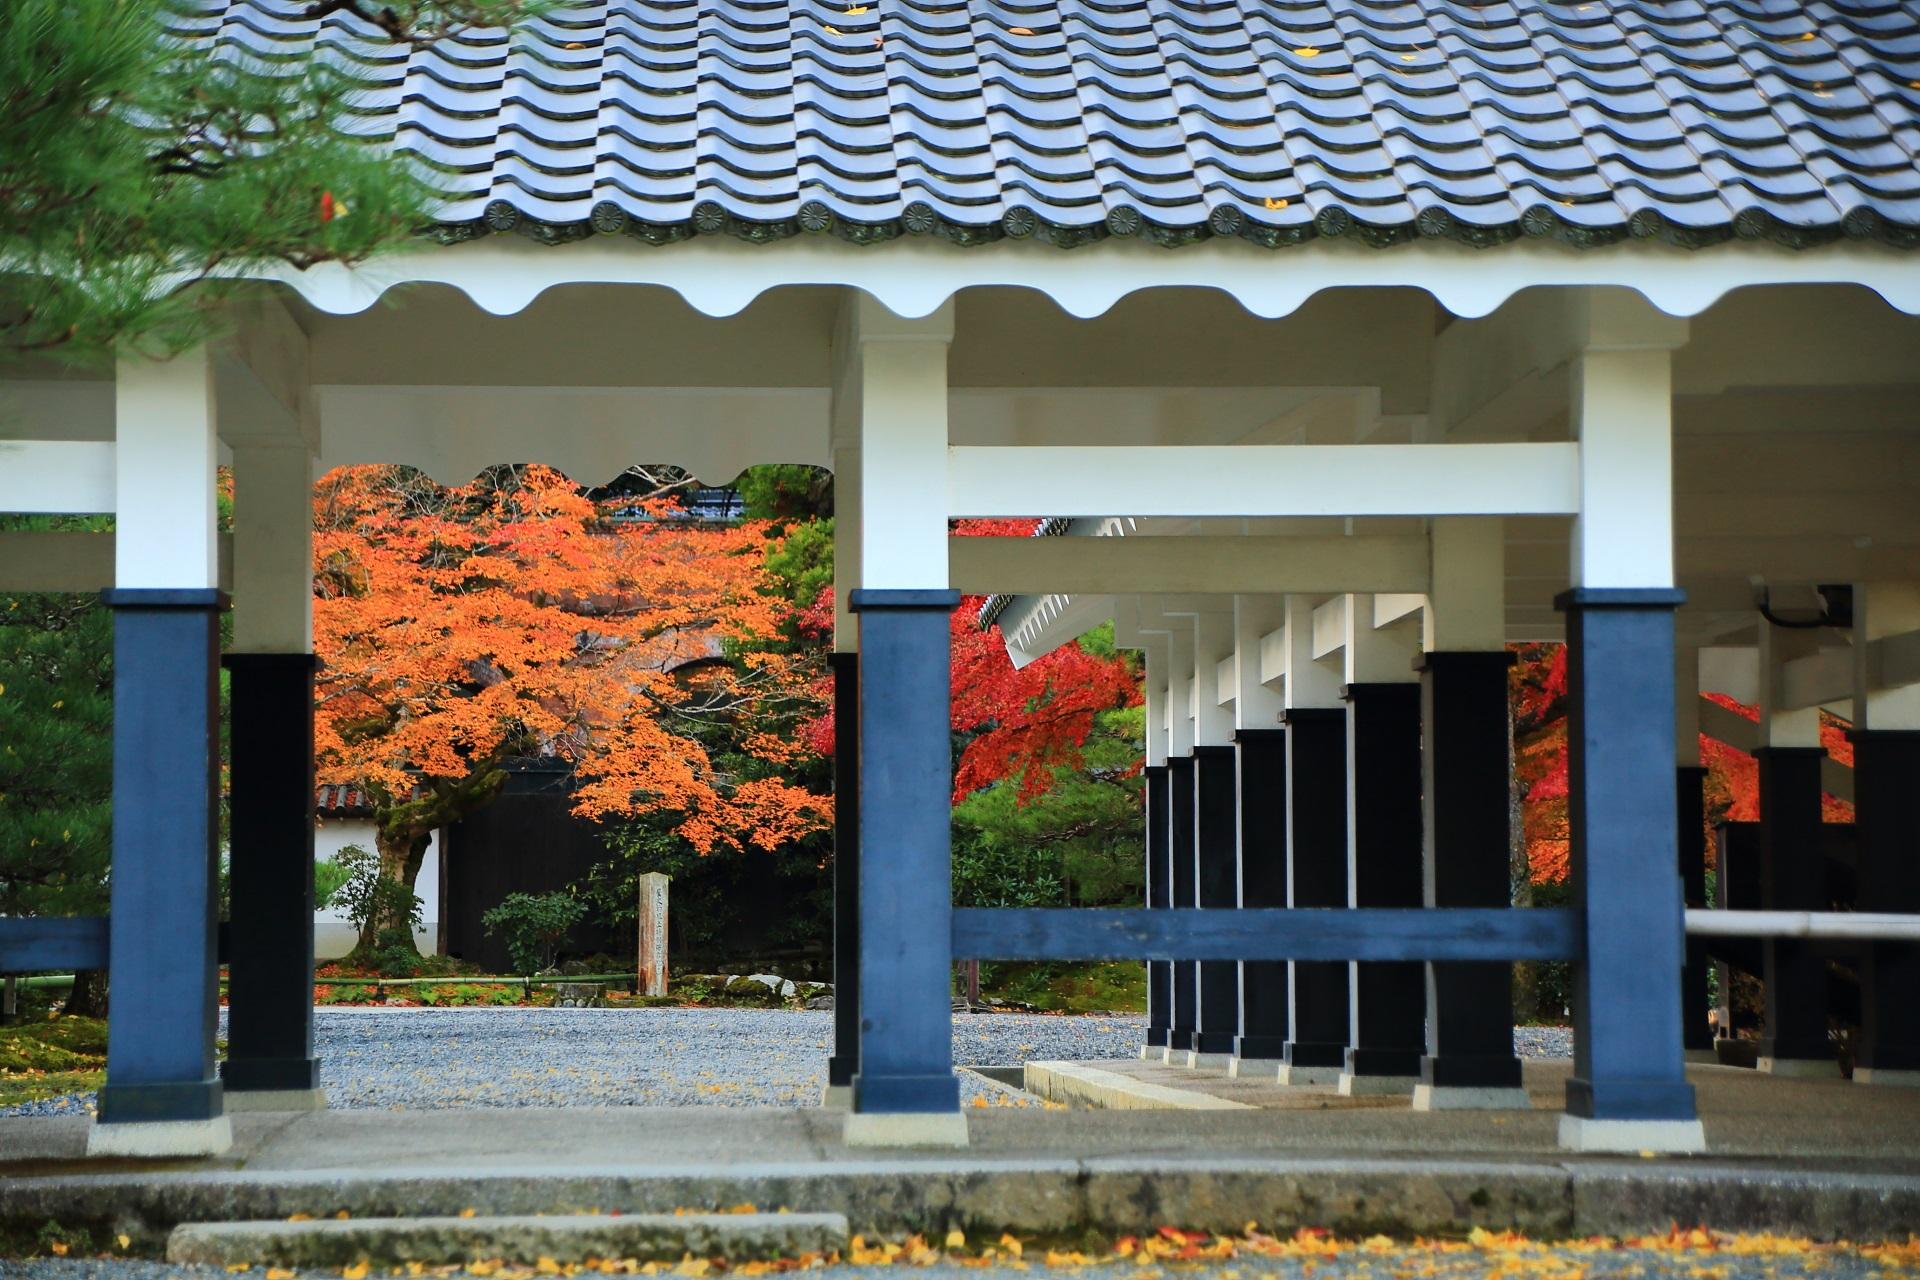 南禅寺の回廊の向こうで華やぐオレンジ色と赤色の鮮やかな紅葉